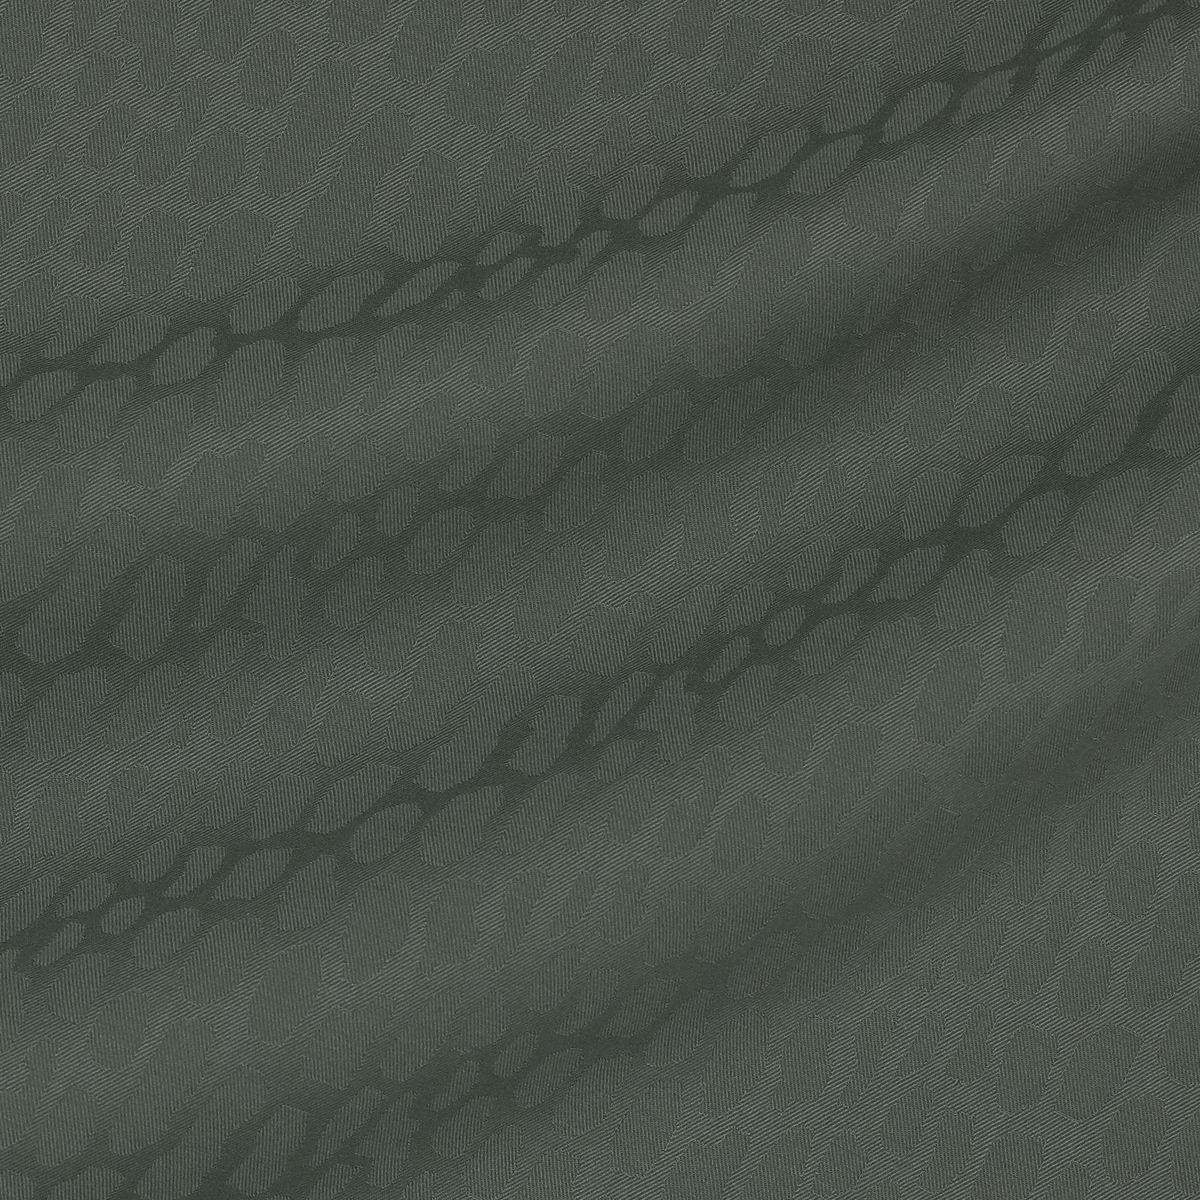 Костюмная ткань из шерсти с эластаном с леопардовыми пятнами в оливковом цвете